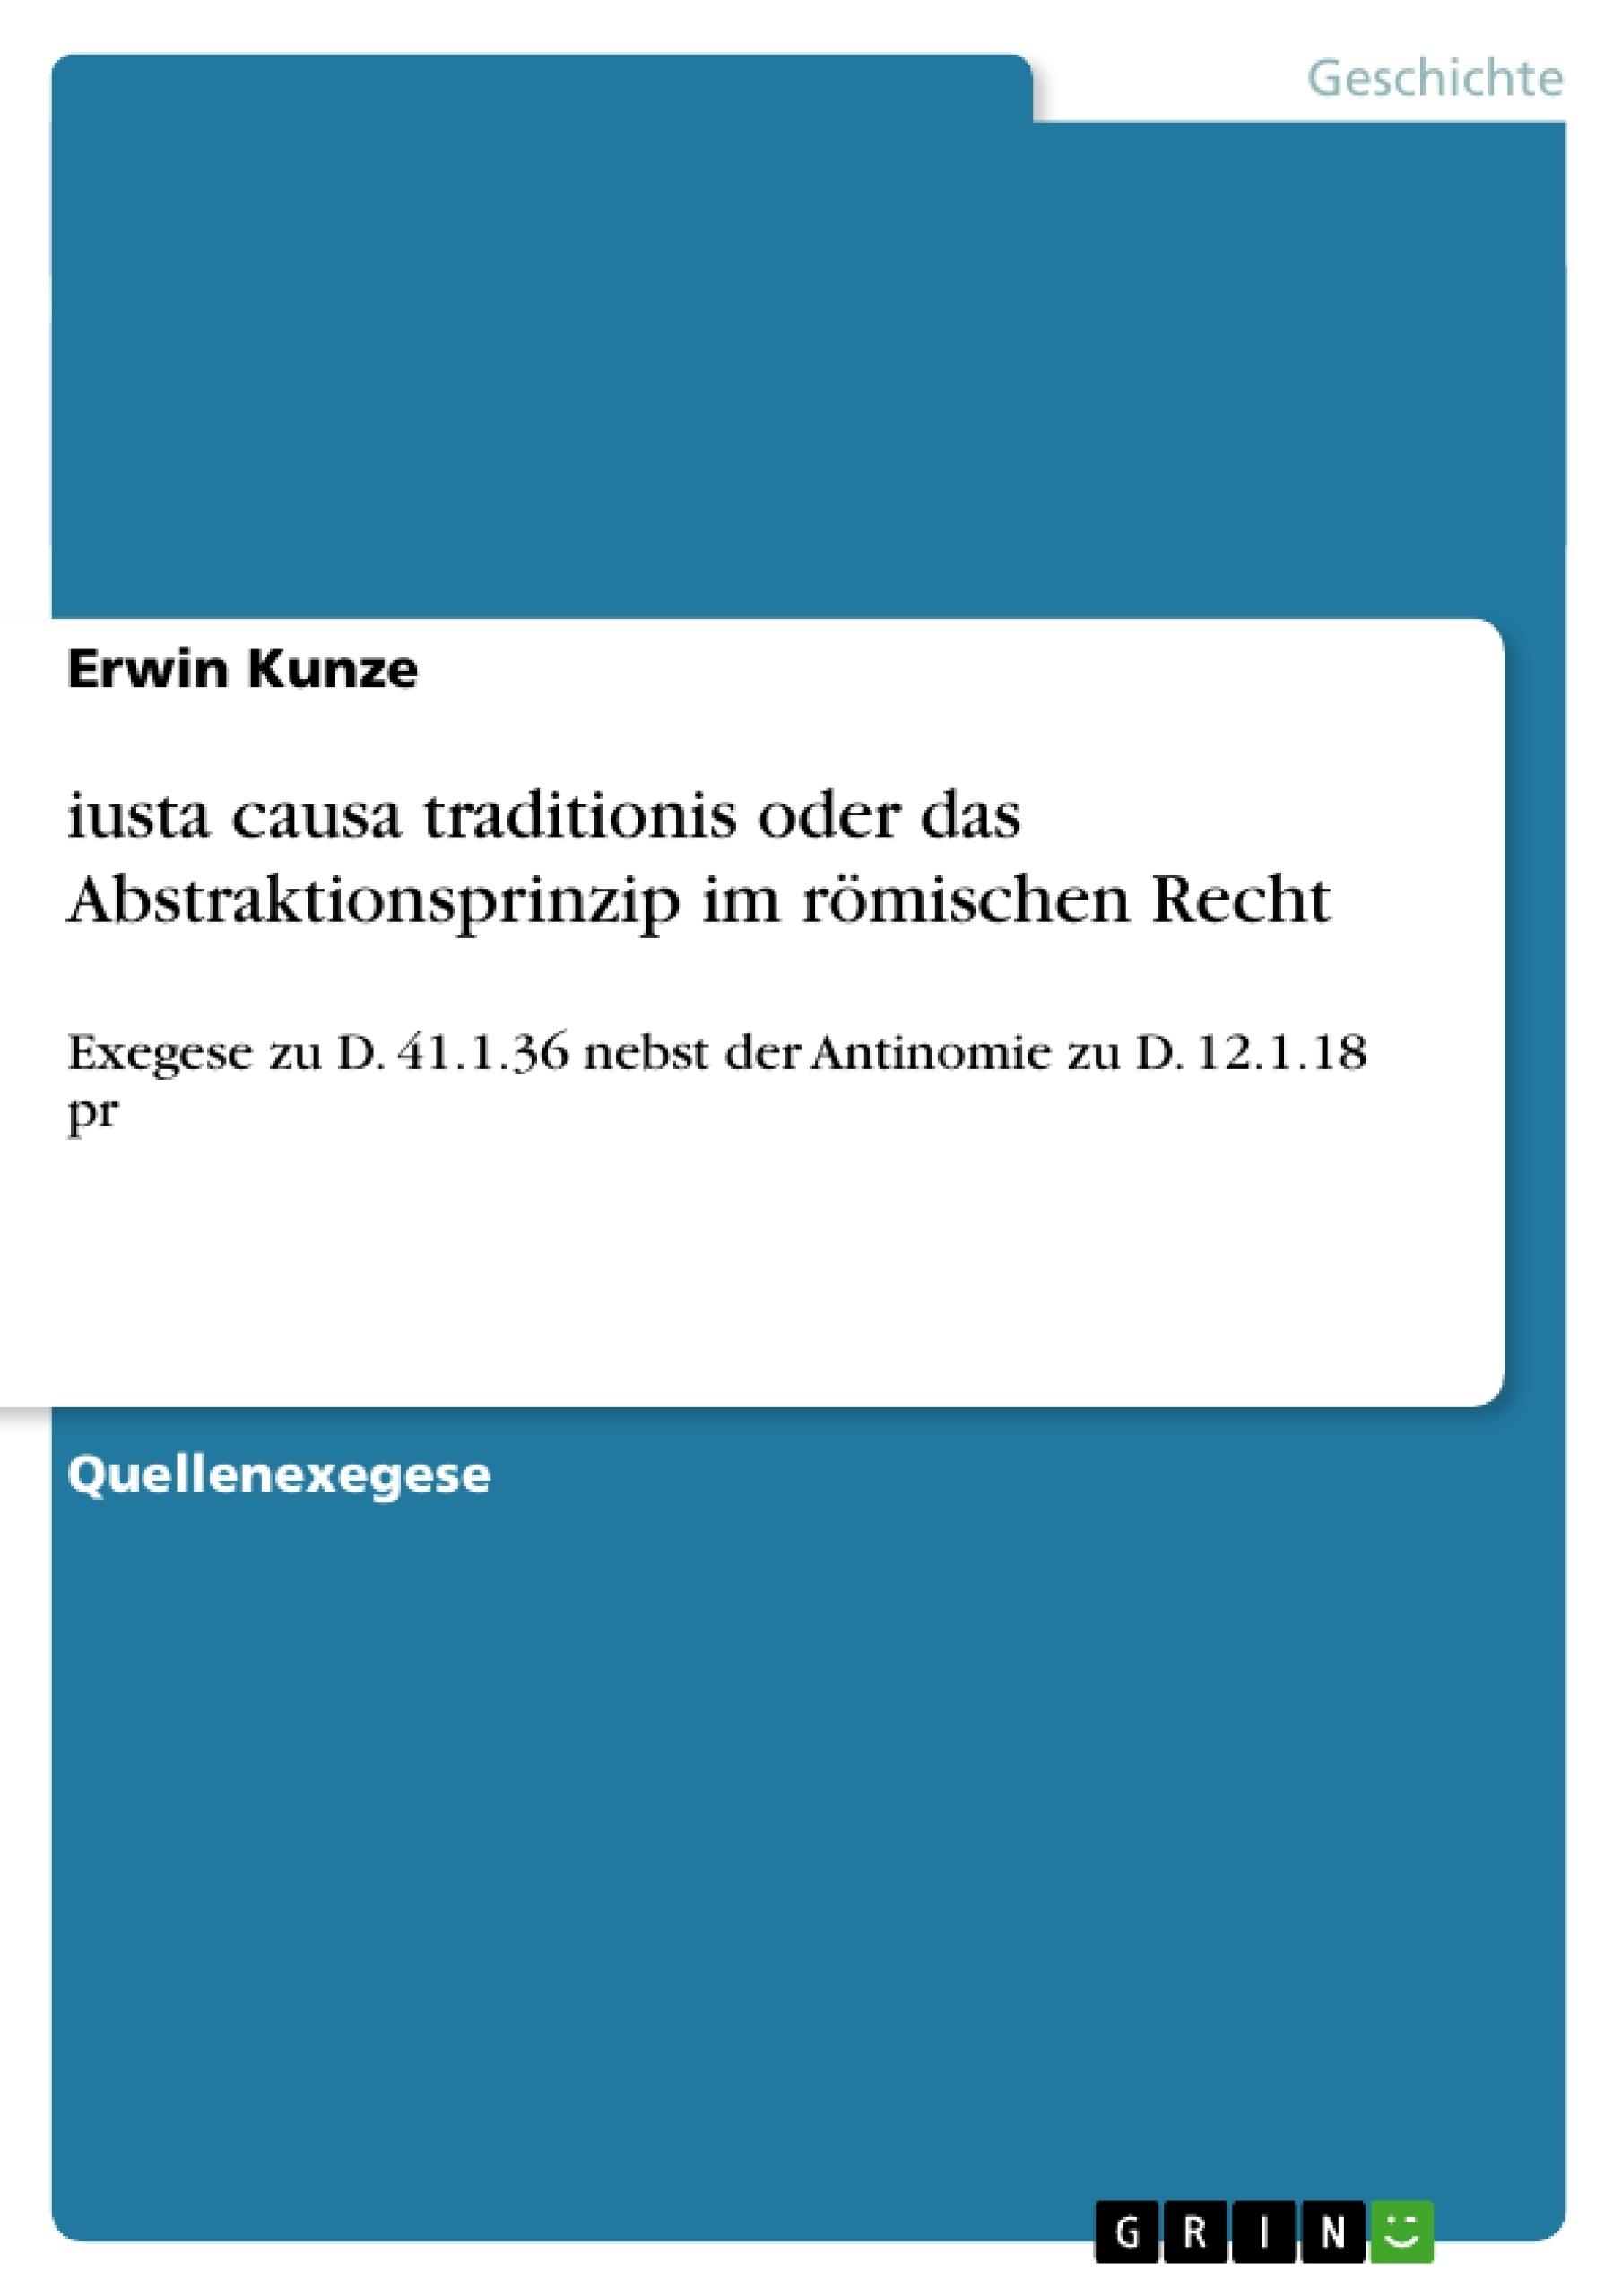 Titel: iusta causa traditionis oder das Abstraktionsprinzip im römischen Recht